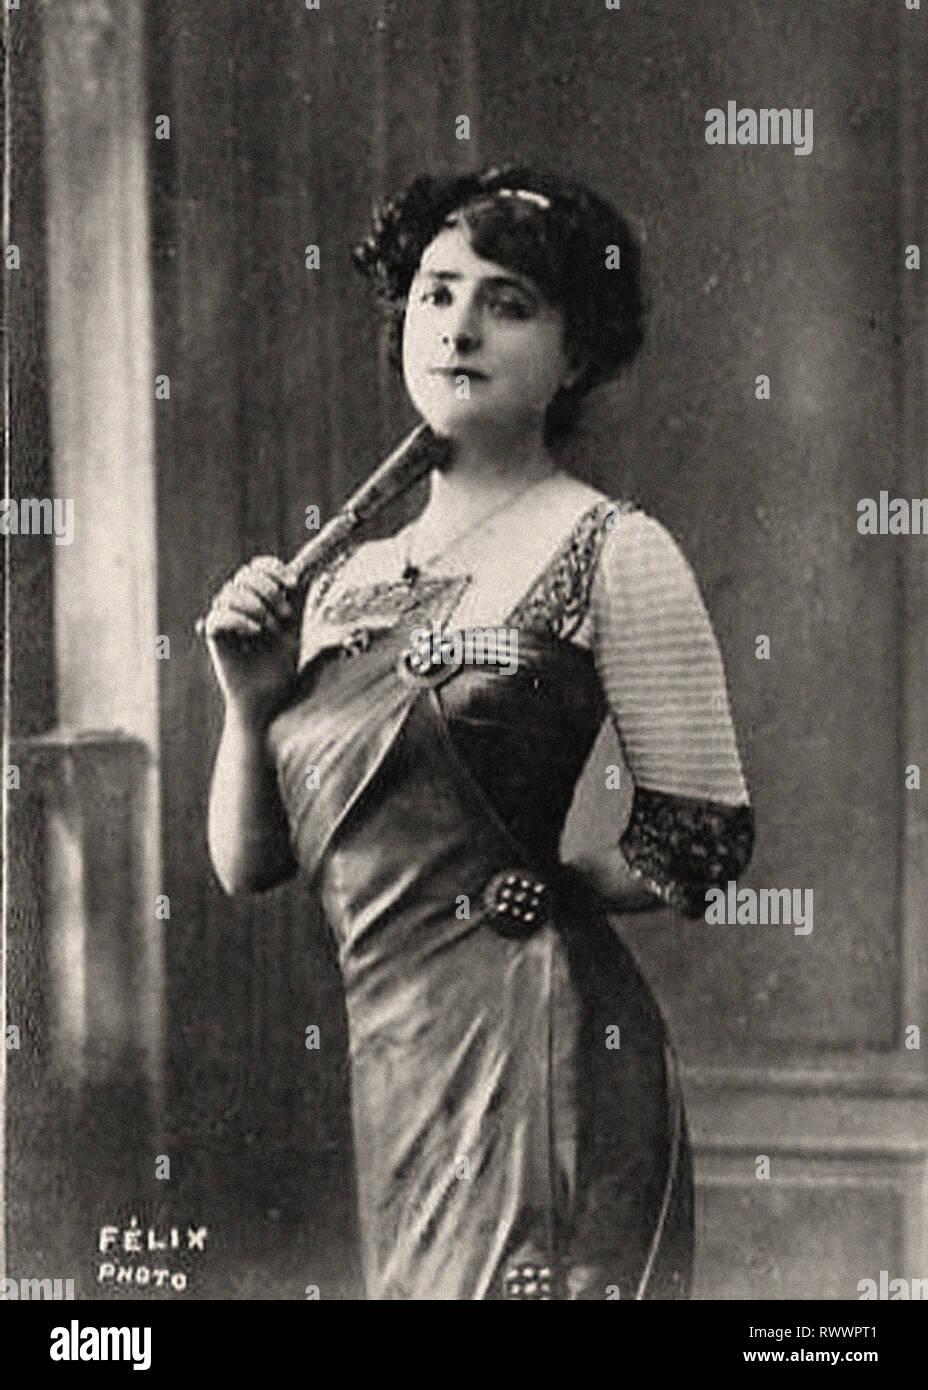 Photographic portrait of Yahne, Léonie - Stock Image